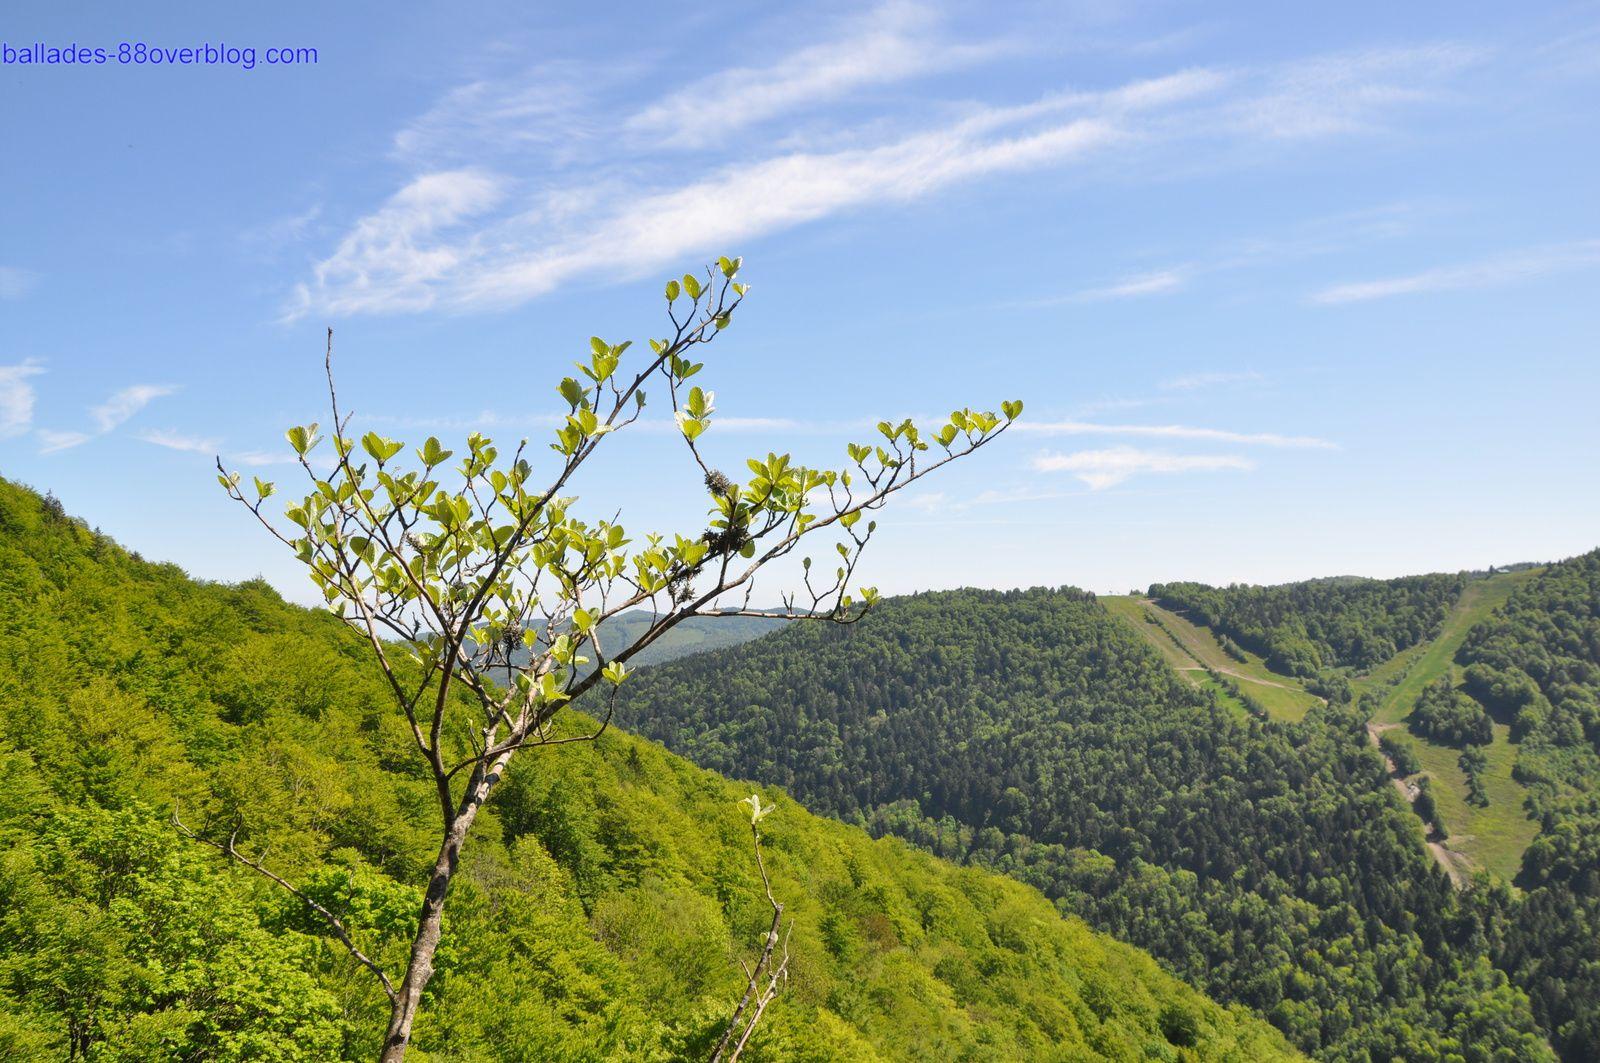 Sentier du tour du ballon d'Alsace